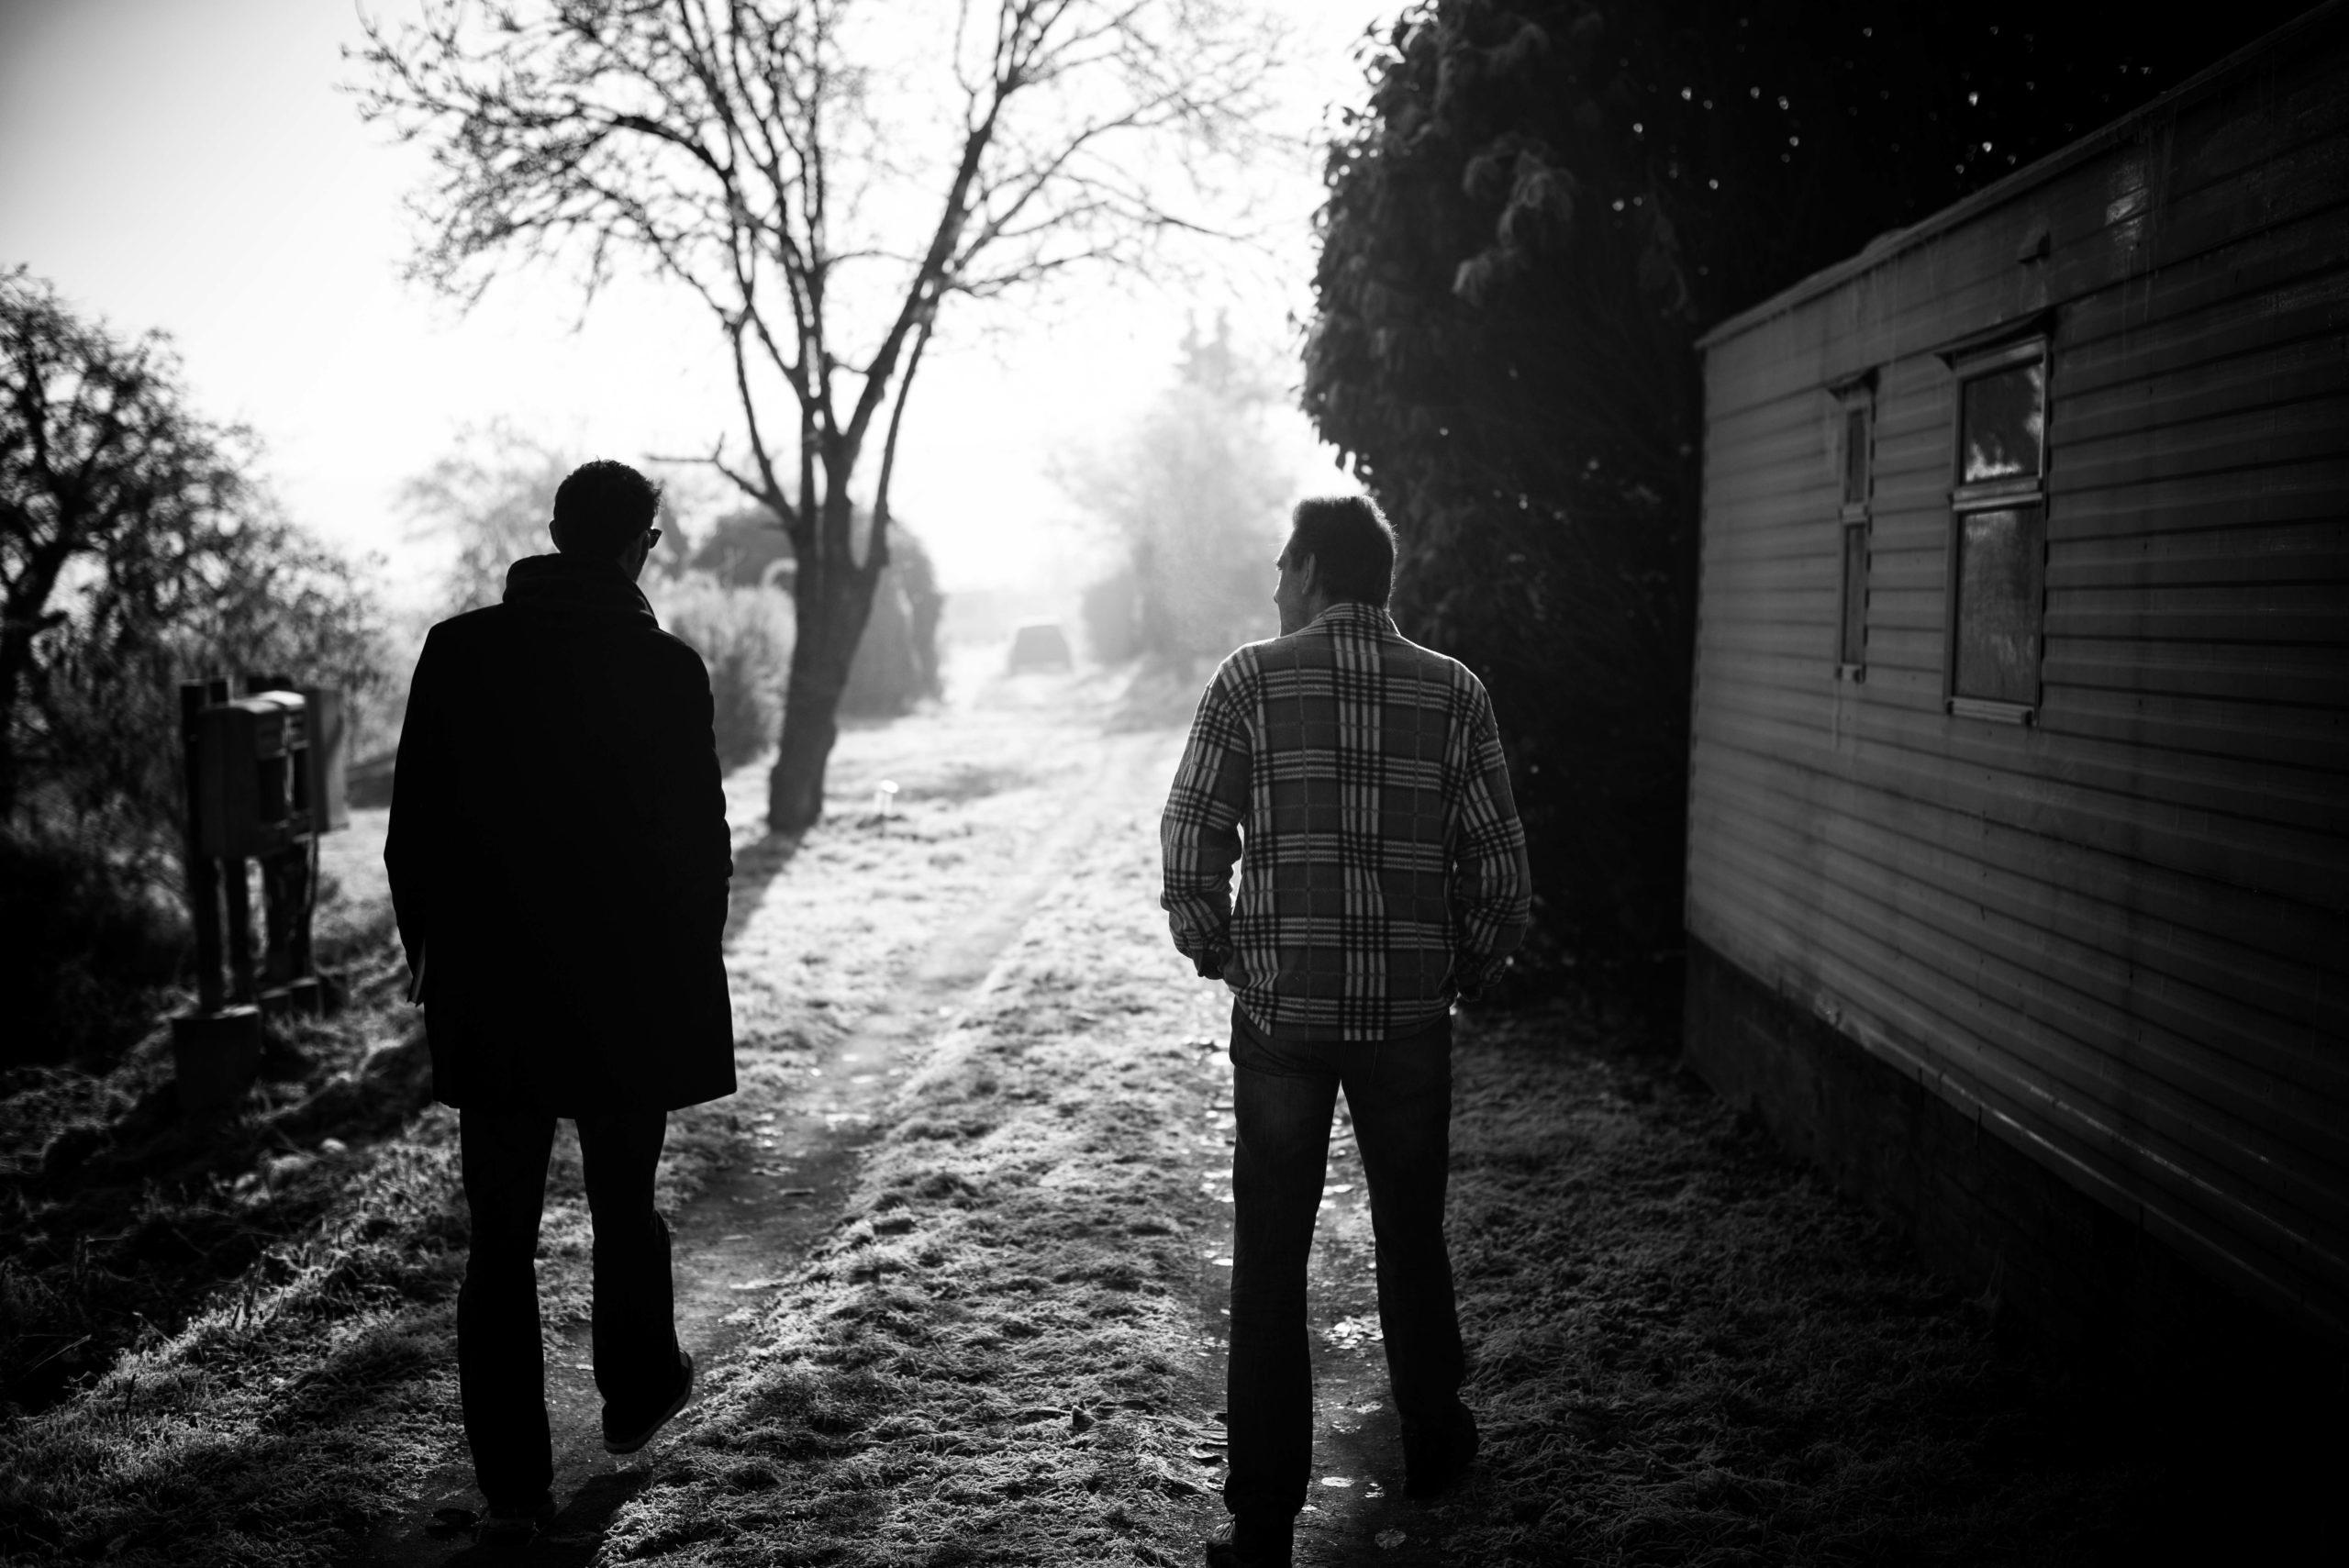 Déconfinement : la Métropole de Lyon annonce un plan «zéro retour à la rue» pour les personnes sans-abri